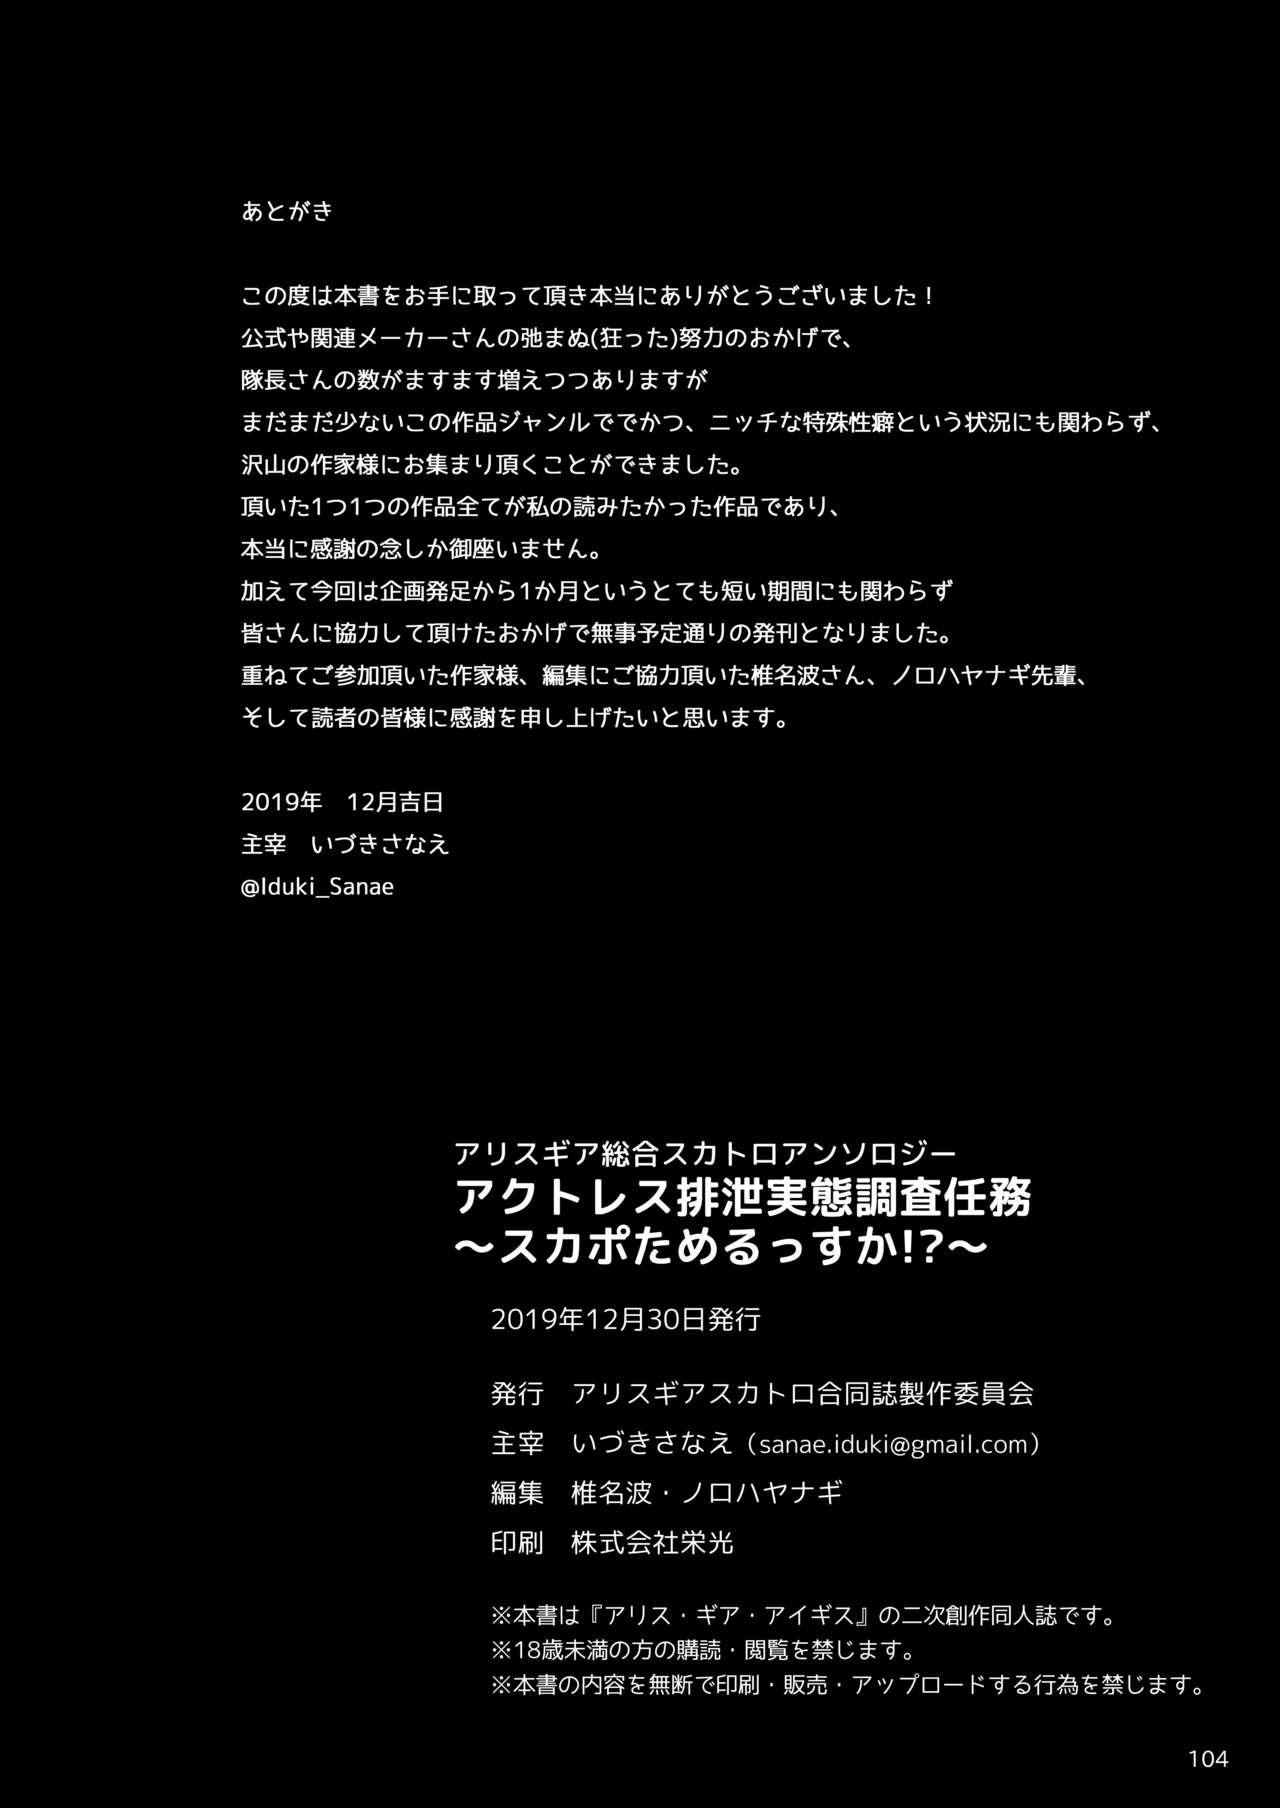 ア○スギア総合スカトロアンソロジー アクトレス排泄実態調査任務~スカポためるっすか!?~ 103